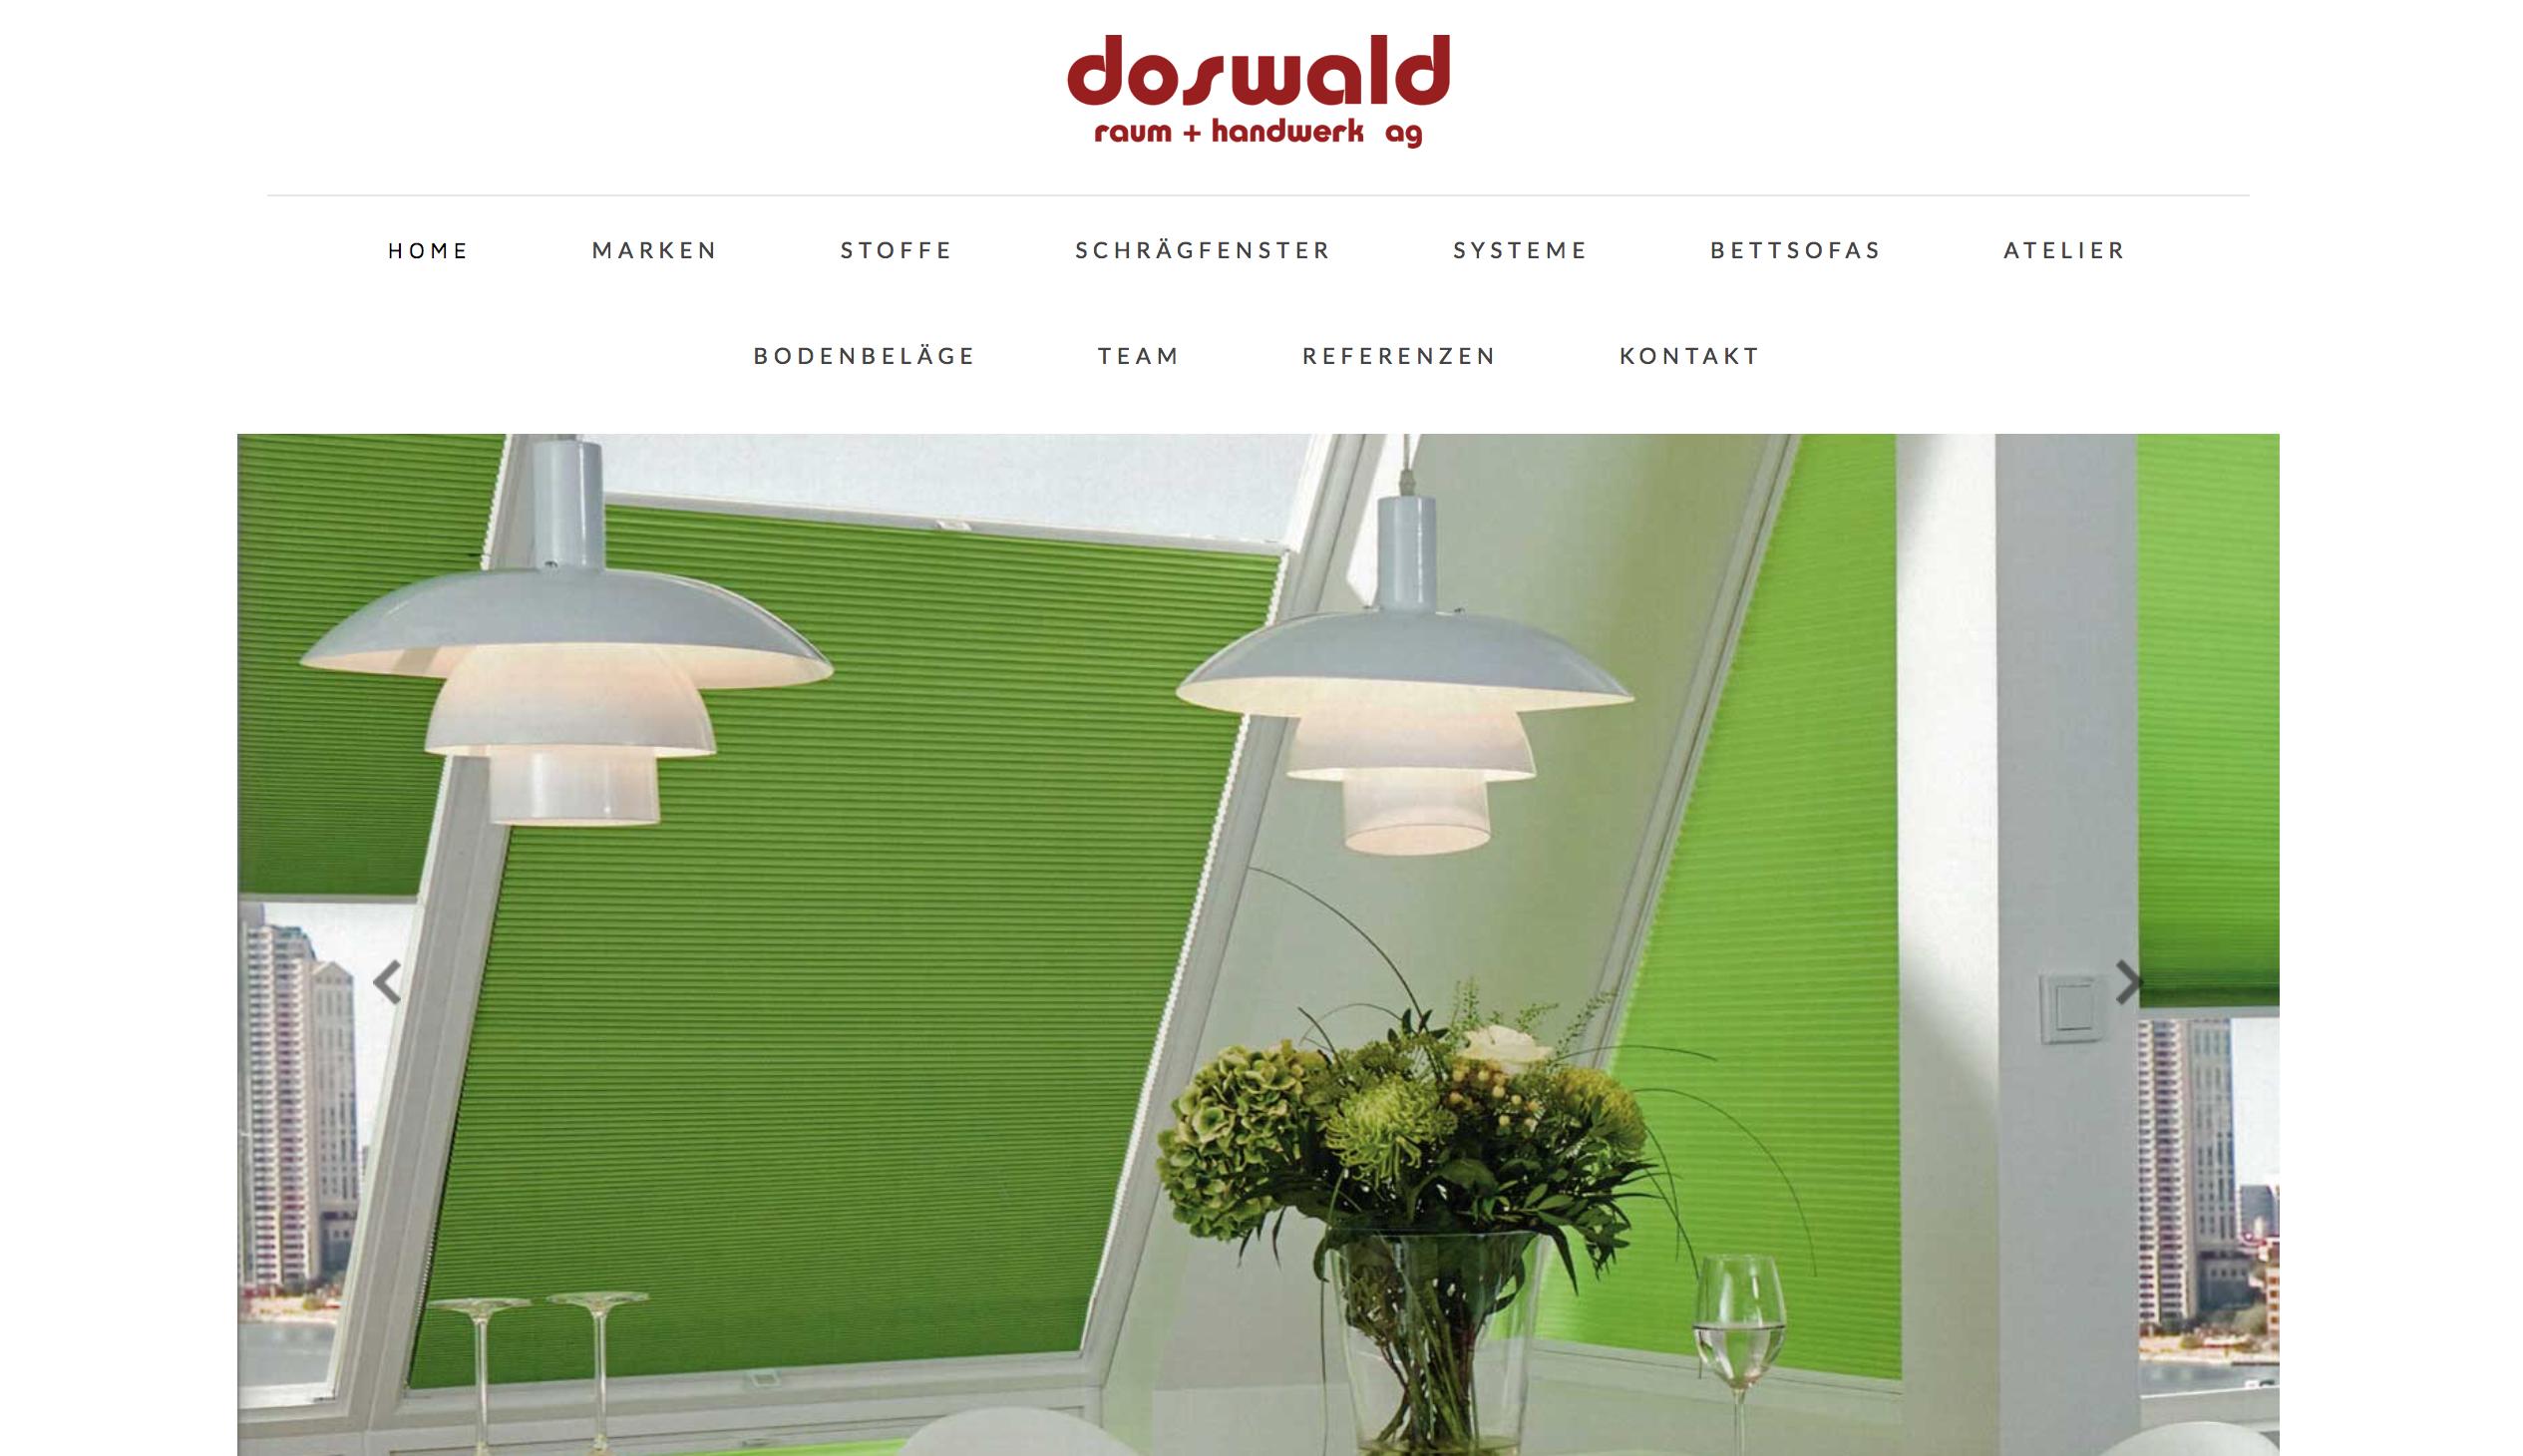 Doswald Raum + Handwerk AG